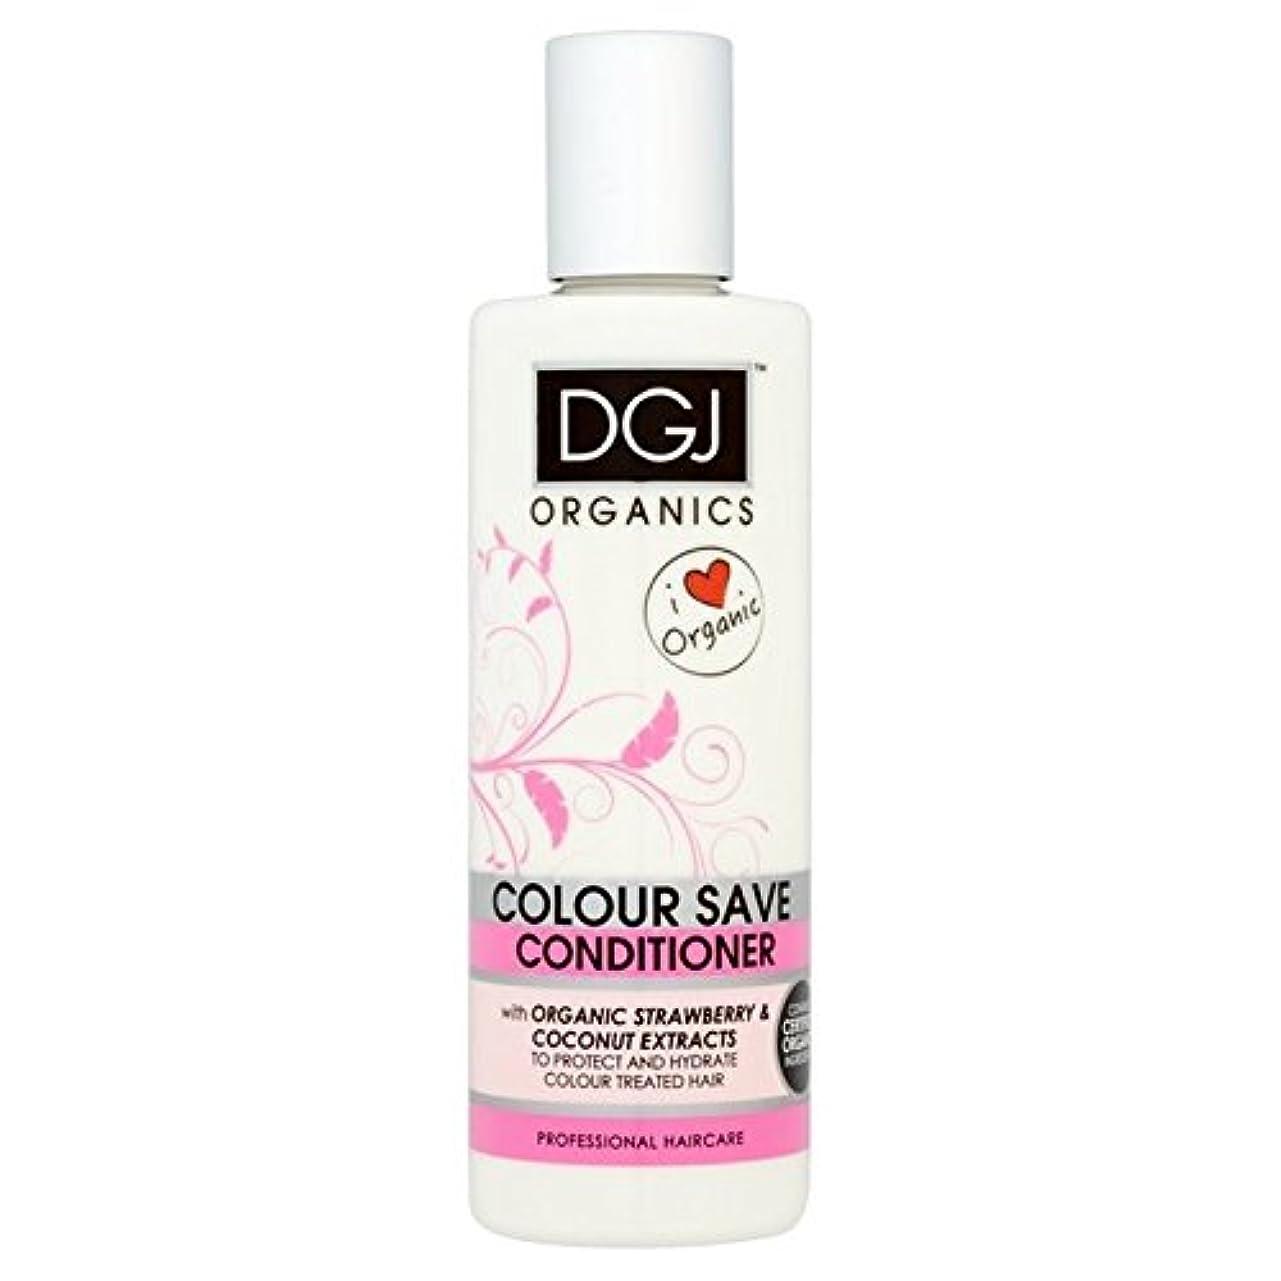 自殺ここに地質学有機物の色コンディショナー250を保存 x4 - DGJ Organics Colour Save Conditioner 250ml (Pack of 4) [並行輸入品]